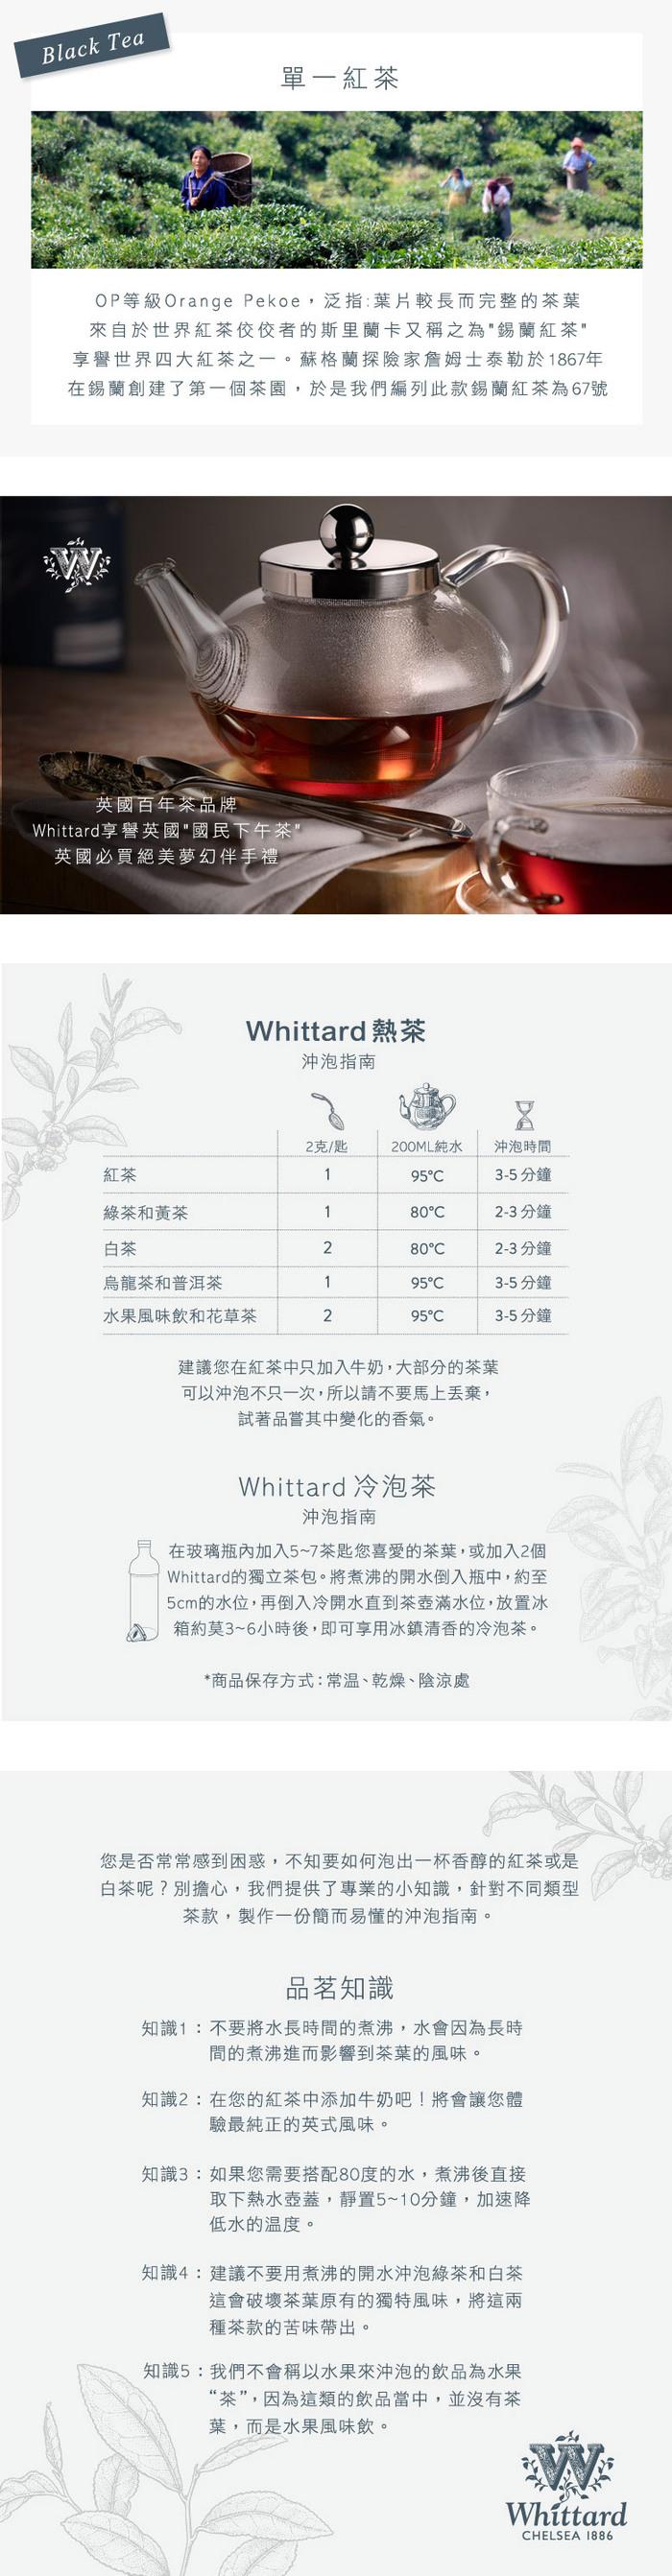 (複製)Whittard 月光限定即溶禮盒